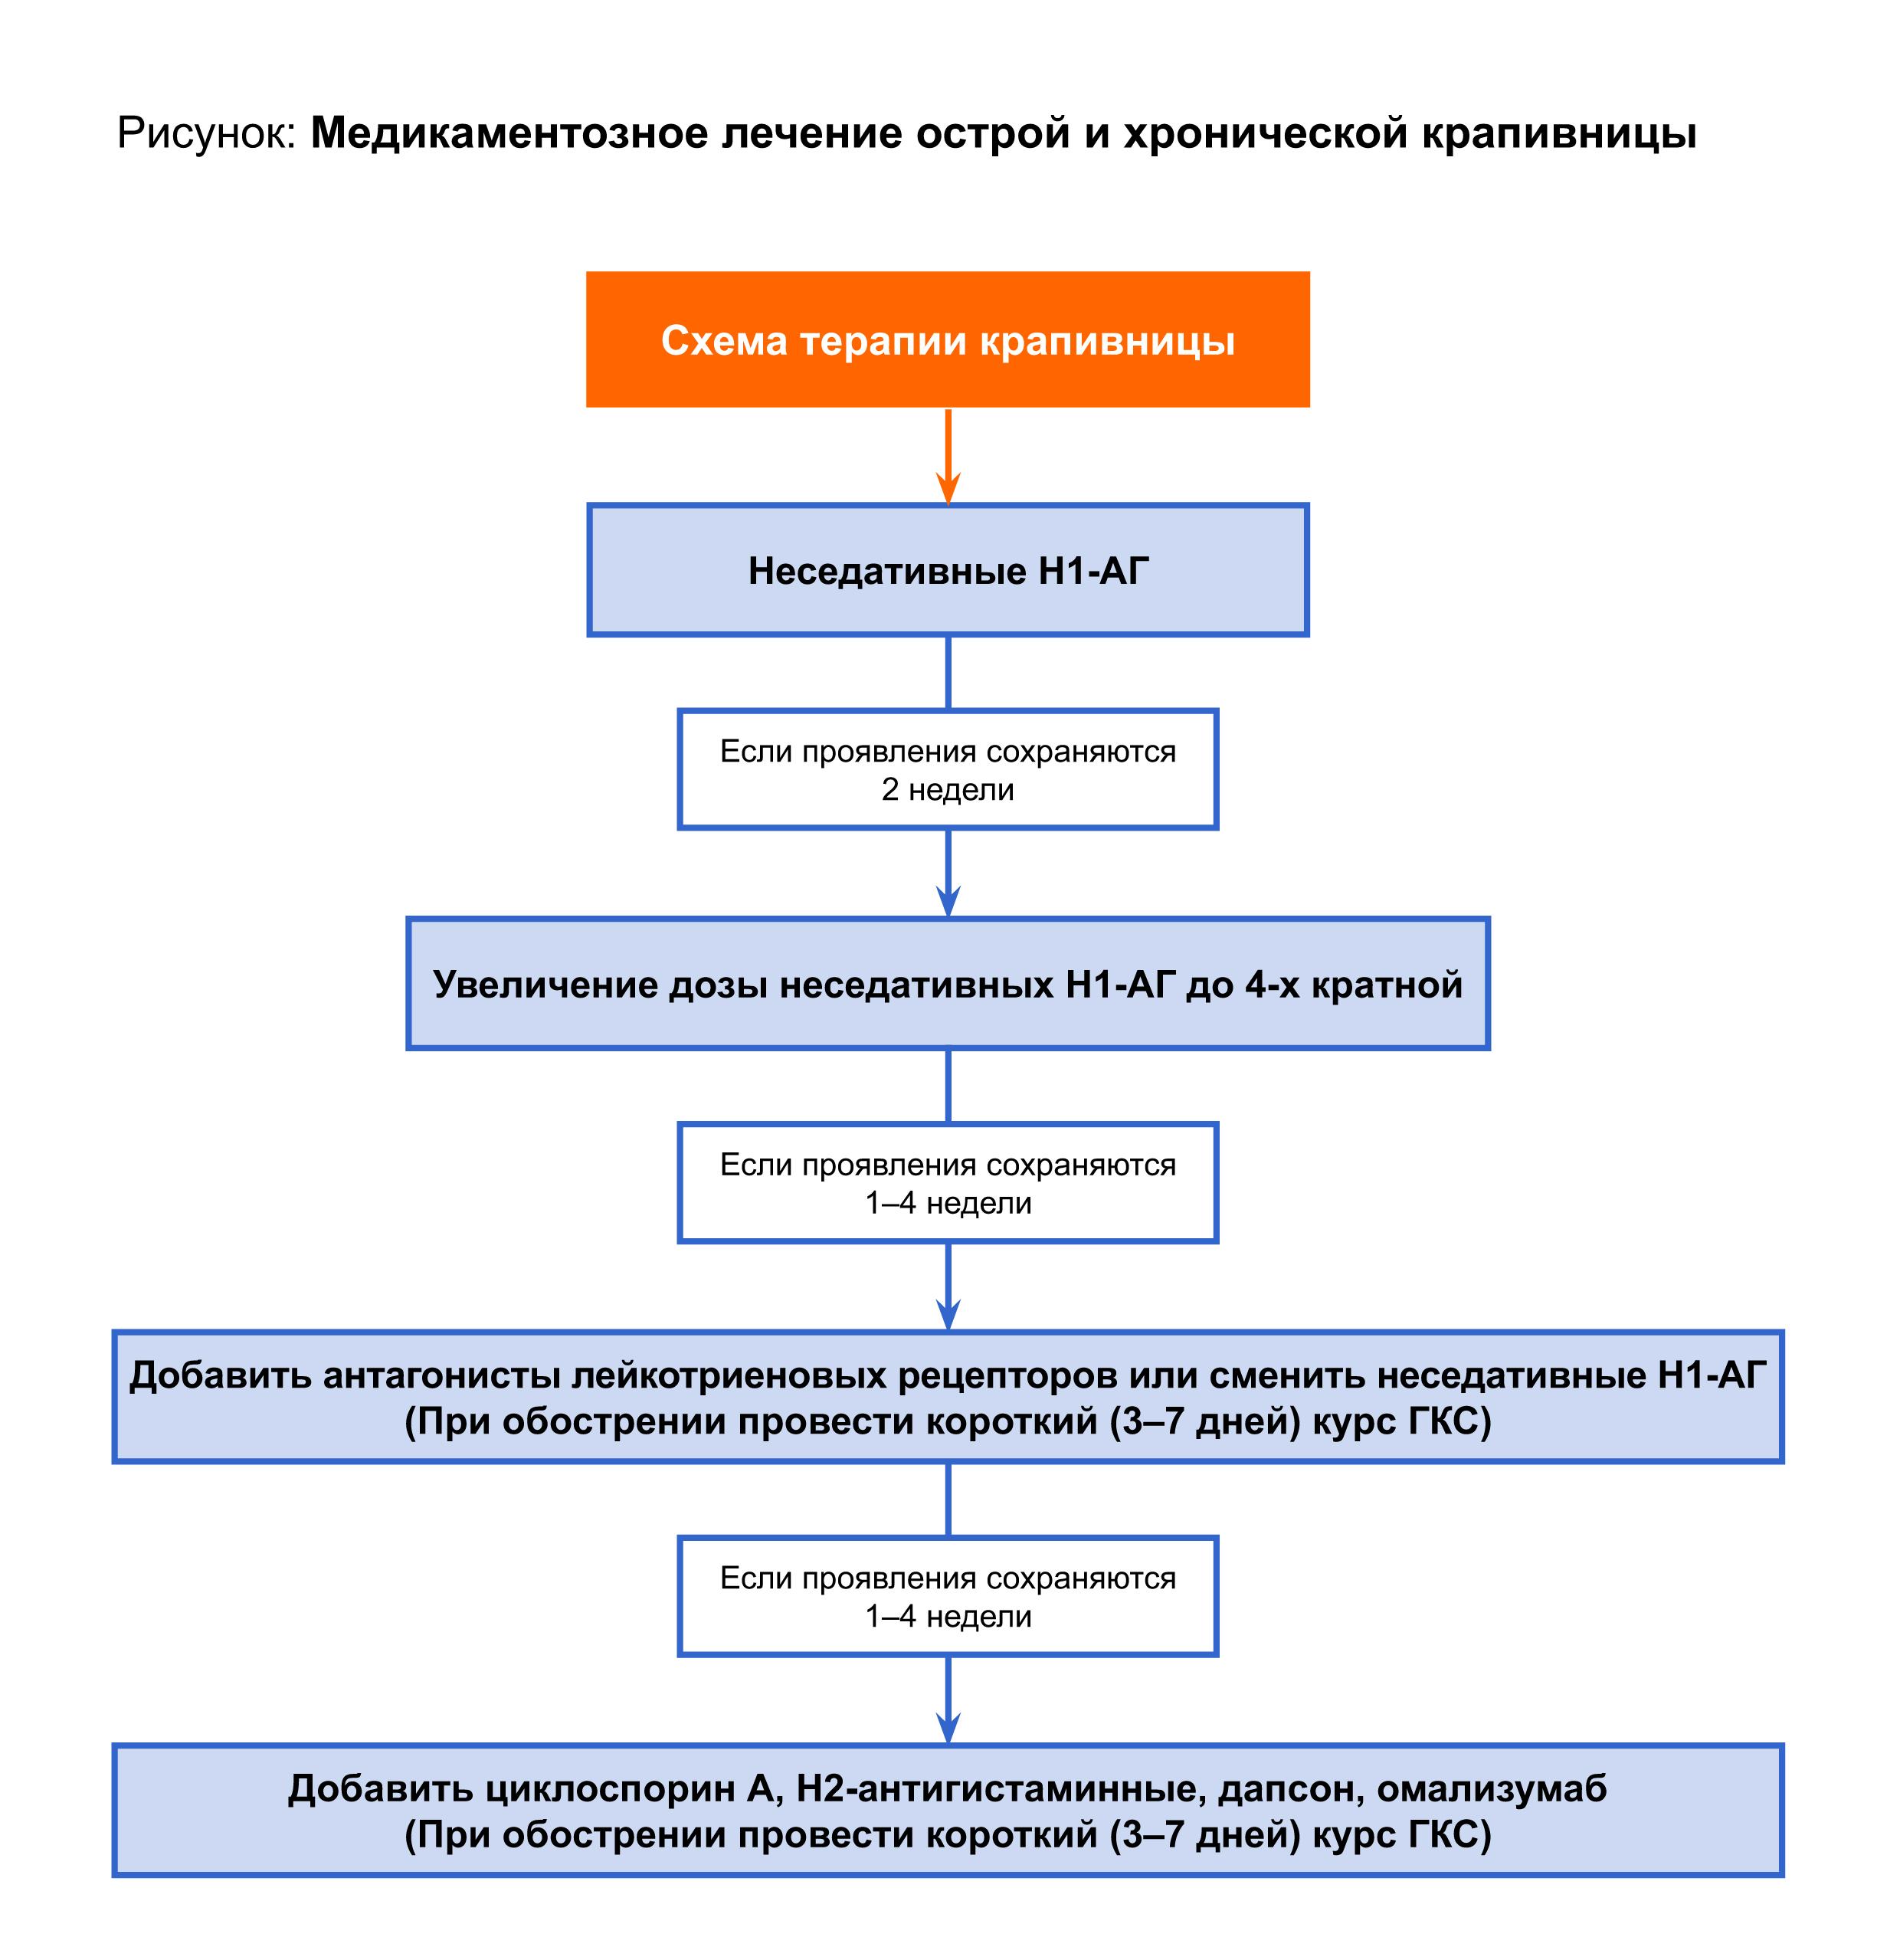 """Крапивница Рекомендации """" Энцикломедия"""